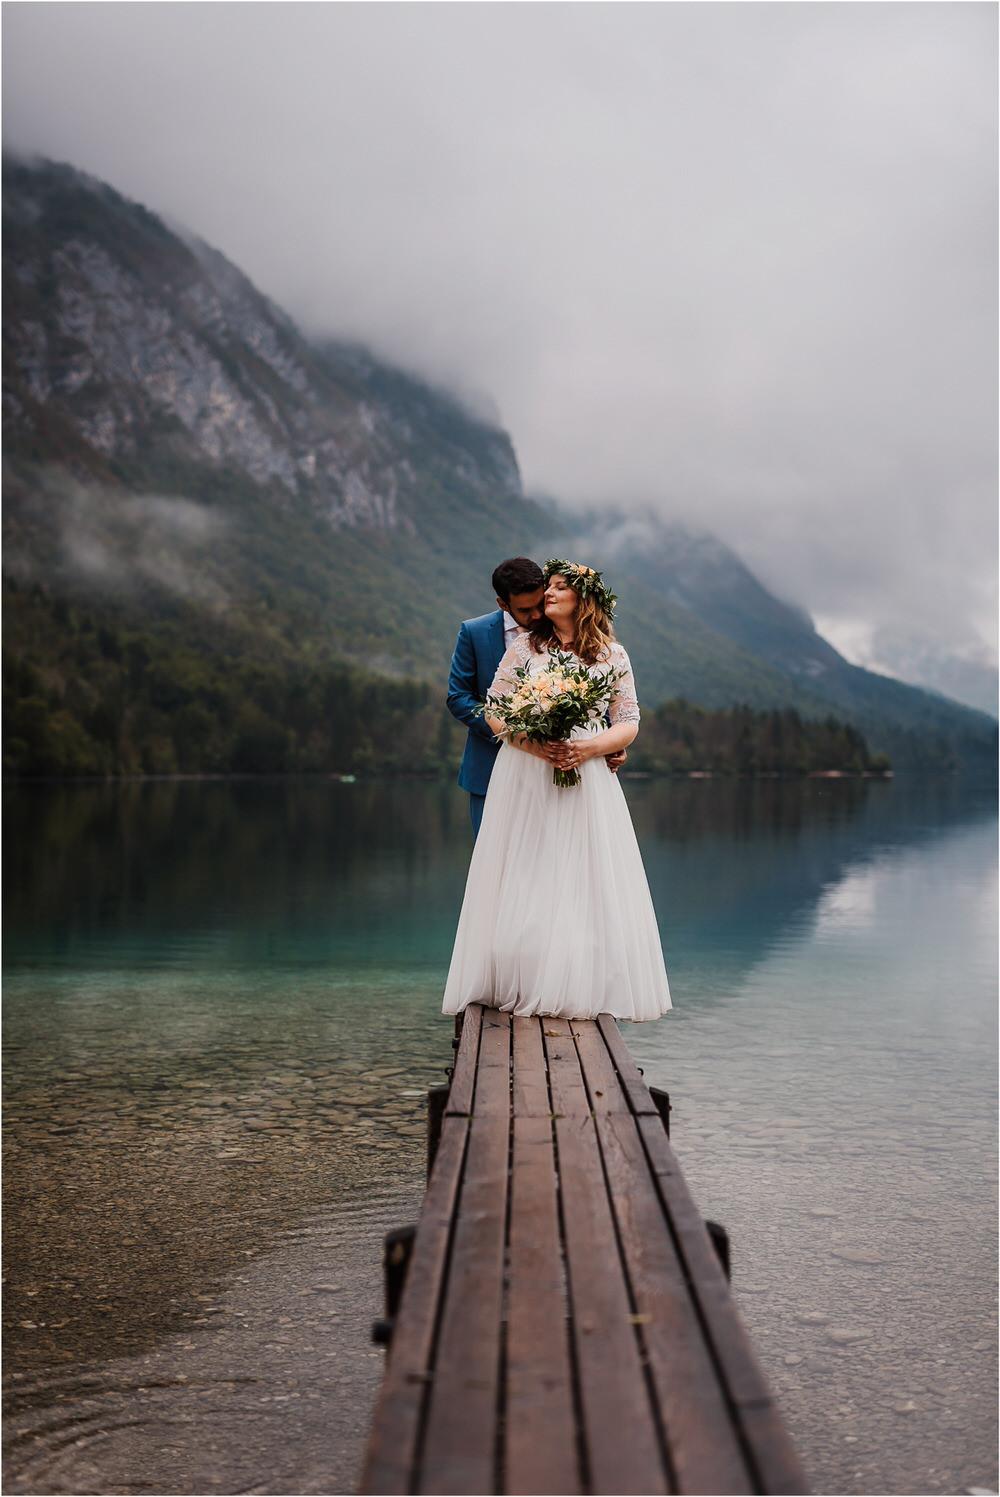 bohinj lake wedding boho chic rustic poroka bohinjsko jezero rustikalna fotograf fotografiranje poročni 0069.jpg